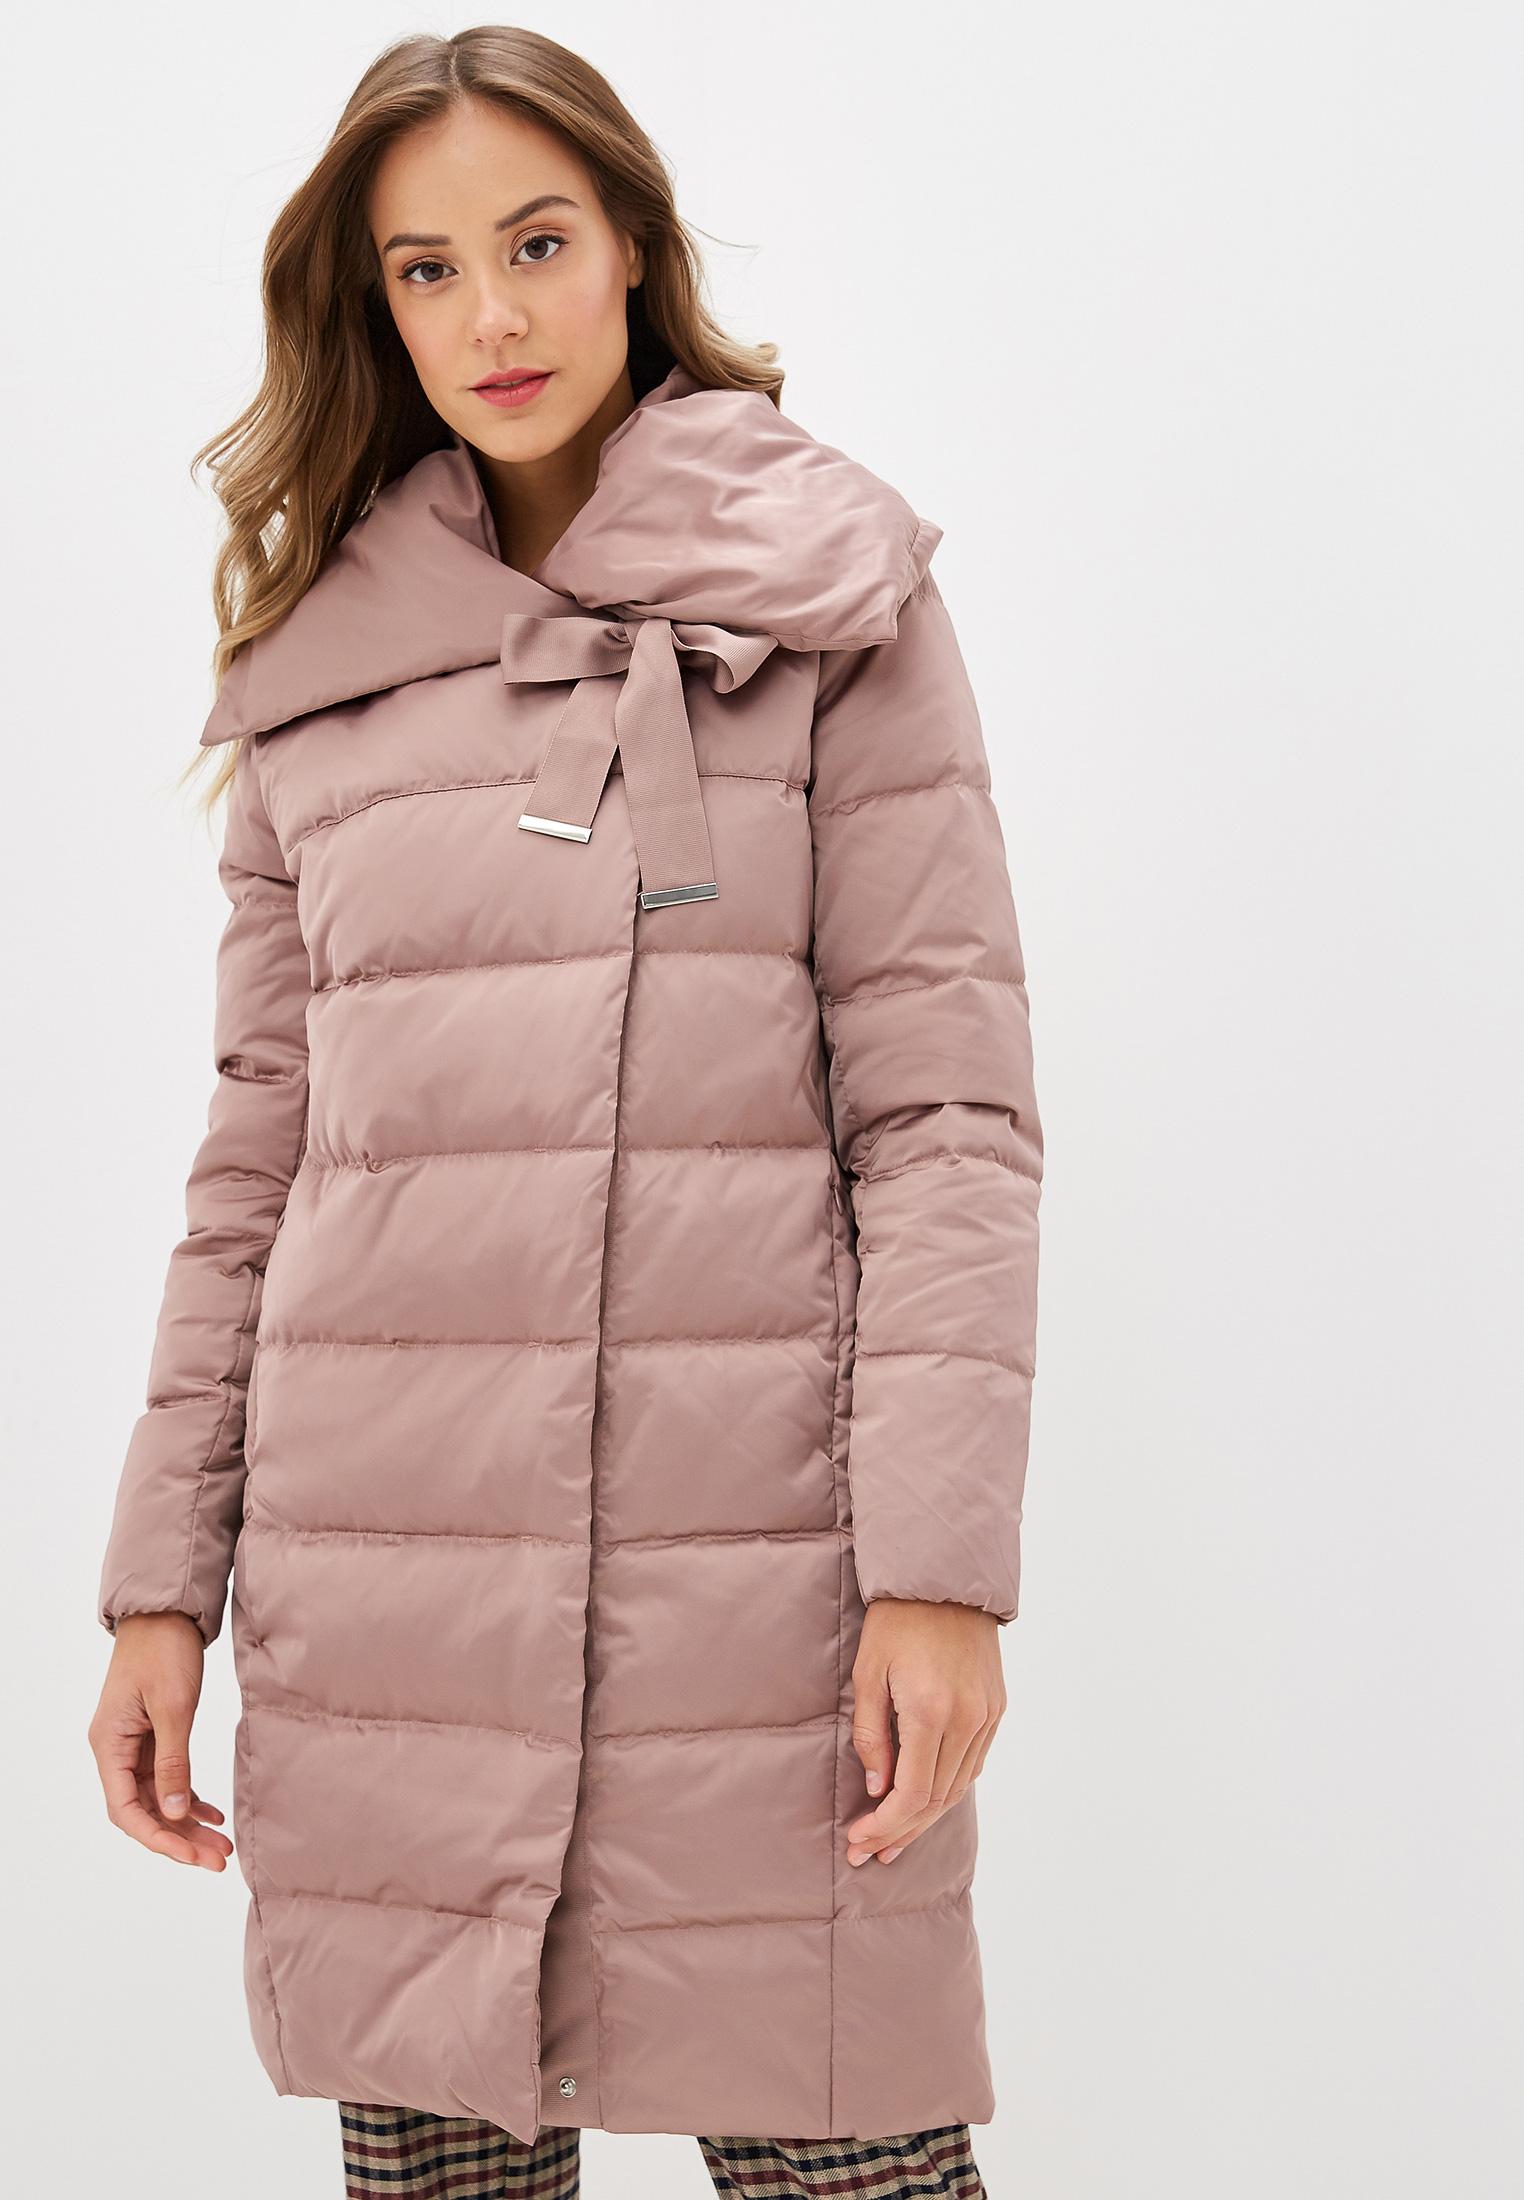 Пуховик, Savage, цвет: розовый. Артикул: SA004EWGERZ8. Одежда / Верхняя одежда / Пуховики и зимние куртки